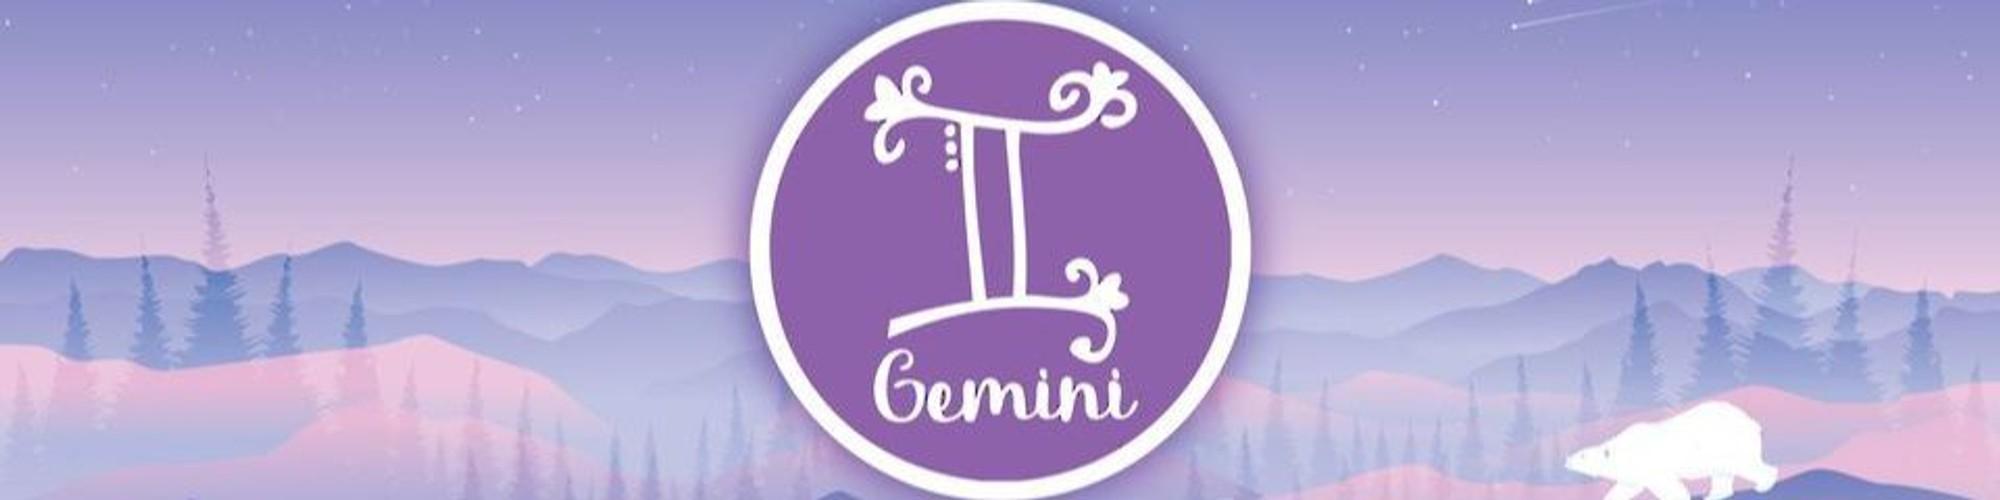 pb-GeminiPublishing-cover